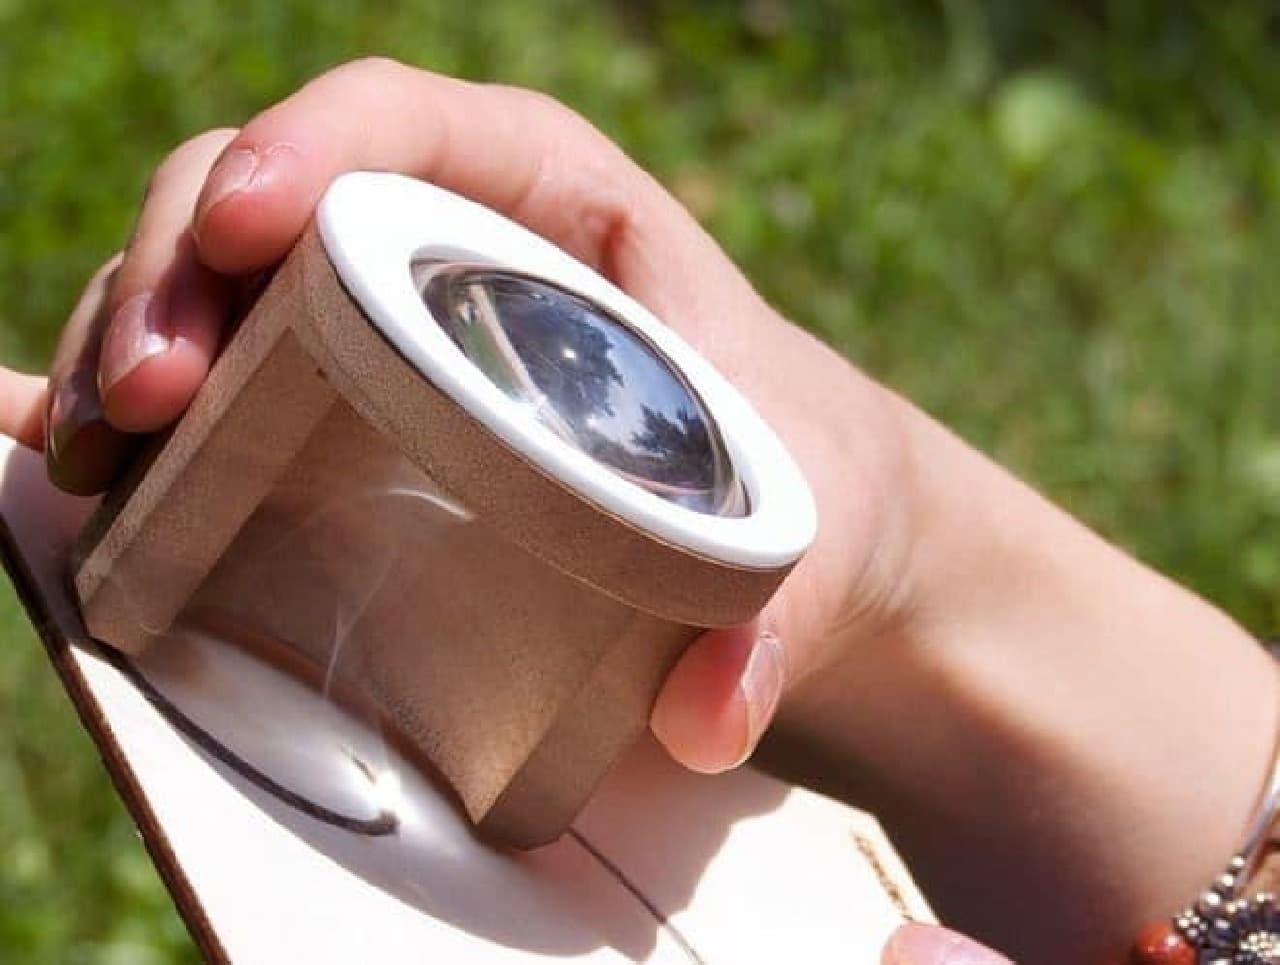 熱彫刻ツール「FEBO」  バッテリーなどは不要  必要なのは太陽の光と人間の本能(?)